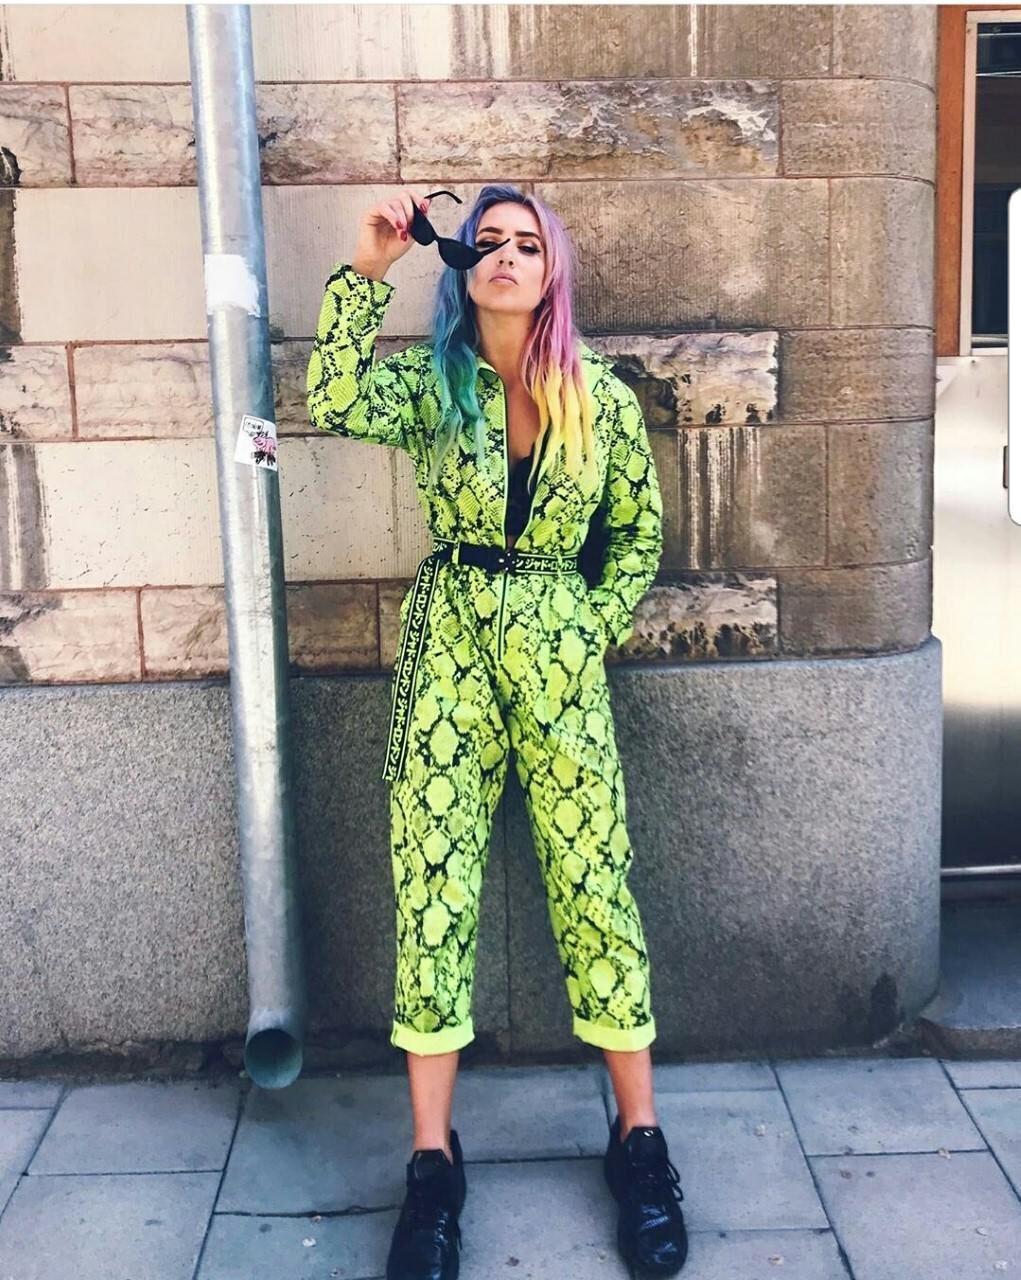 Linnea Claesson har på sig grön byxdress